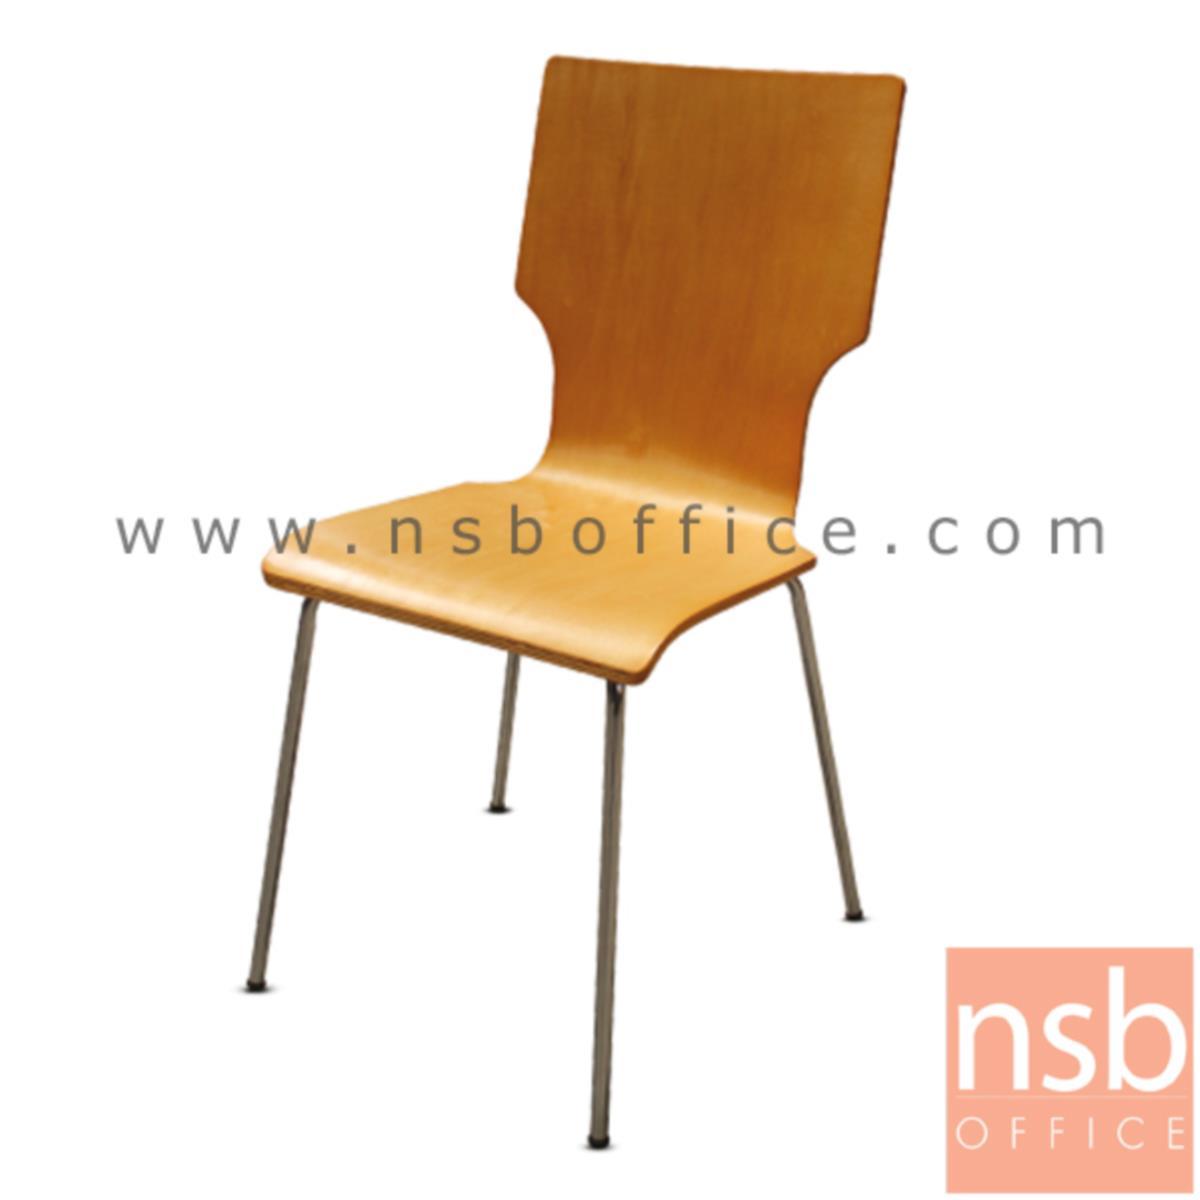 เก้าอี้อเนกประสงค์ไม้เมลามีน รุ่น Amphibia (แอมฟิเบีย)  ขาเหล็กชุบโครเมี่ยม